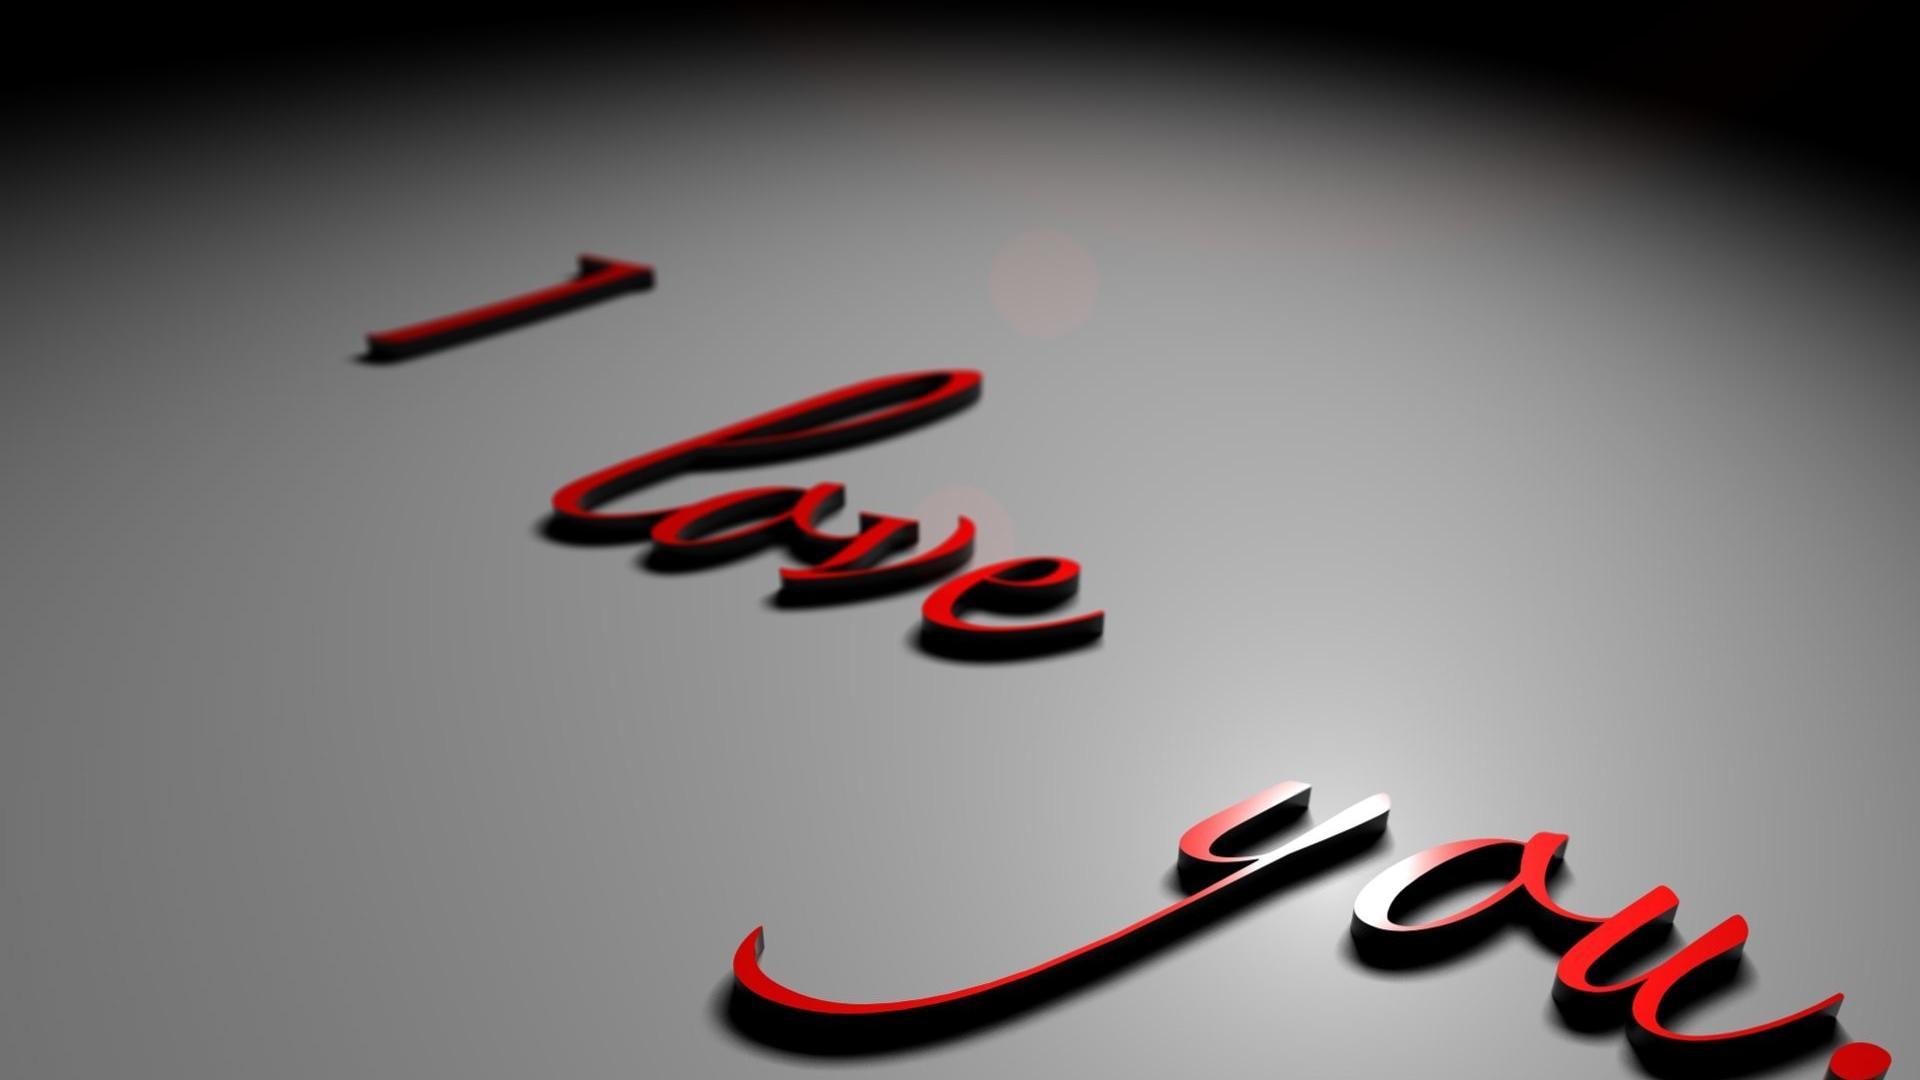 tải ảnh có chữ i love you lãng mạn